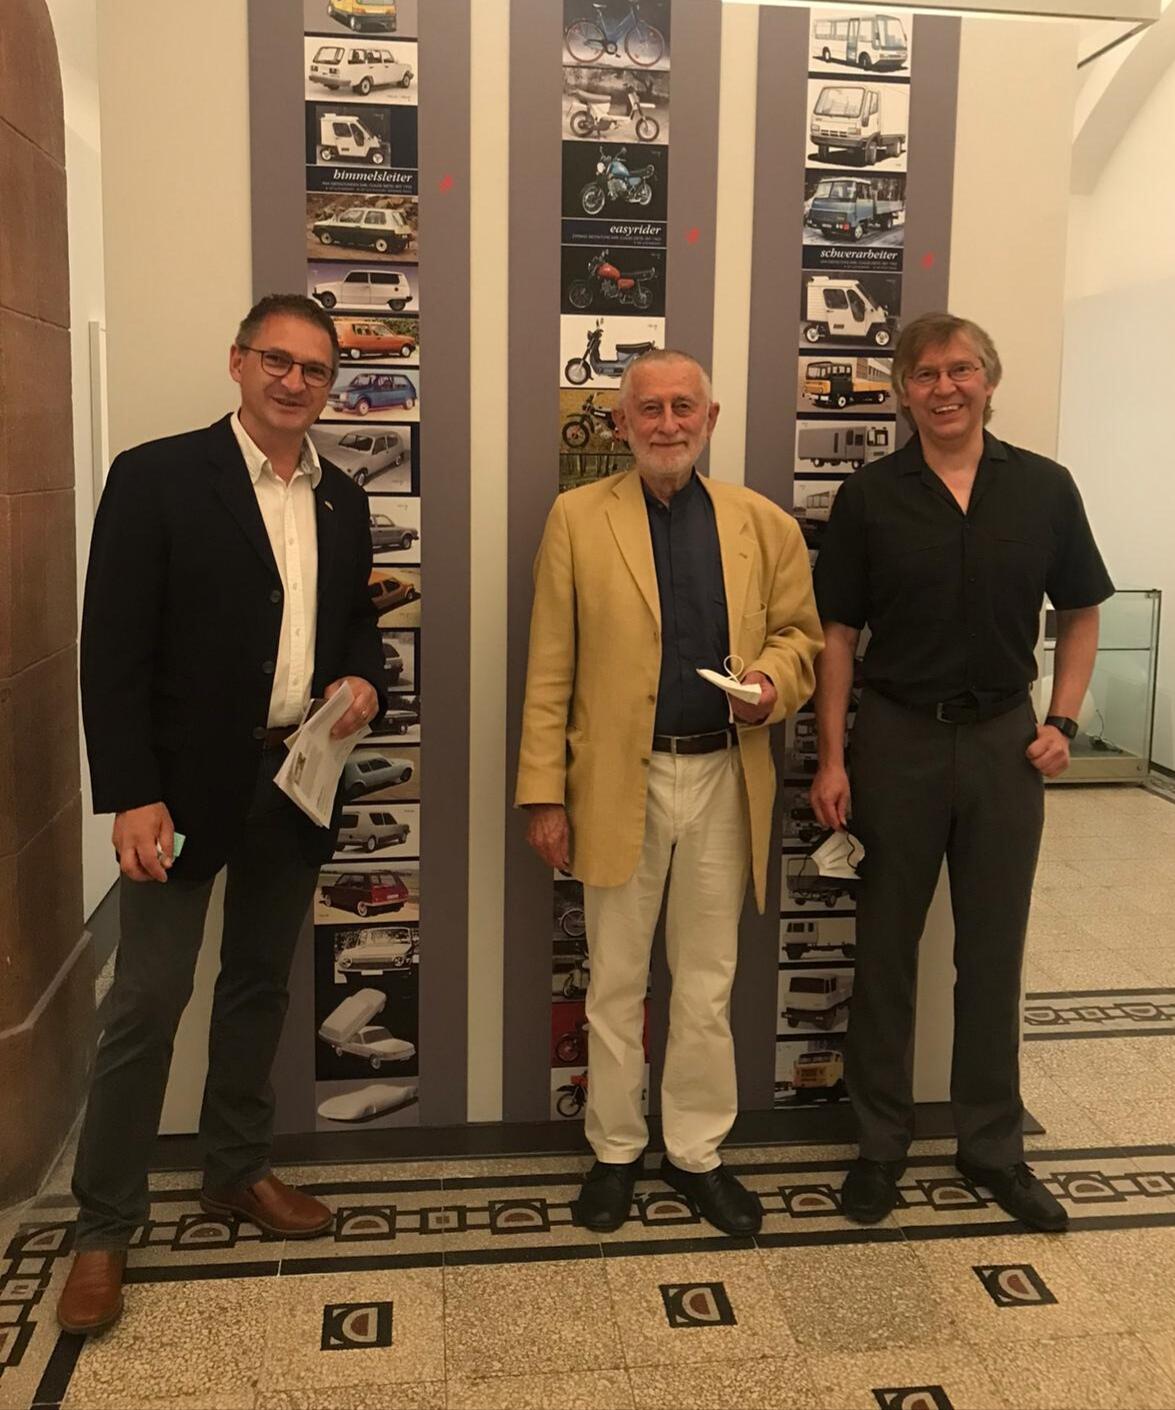 Thorsten Orban (links) vom Fahrzeugmuseum Suhl, Karl Clauss Dietel (Mitte) und Museumsleiter Dirk Schmerschneider (rechts) bei der Ausstellungseröffnung in den Kunstsammlungen Chemnitz